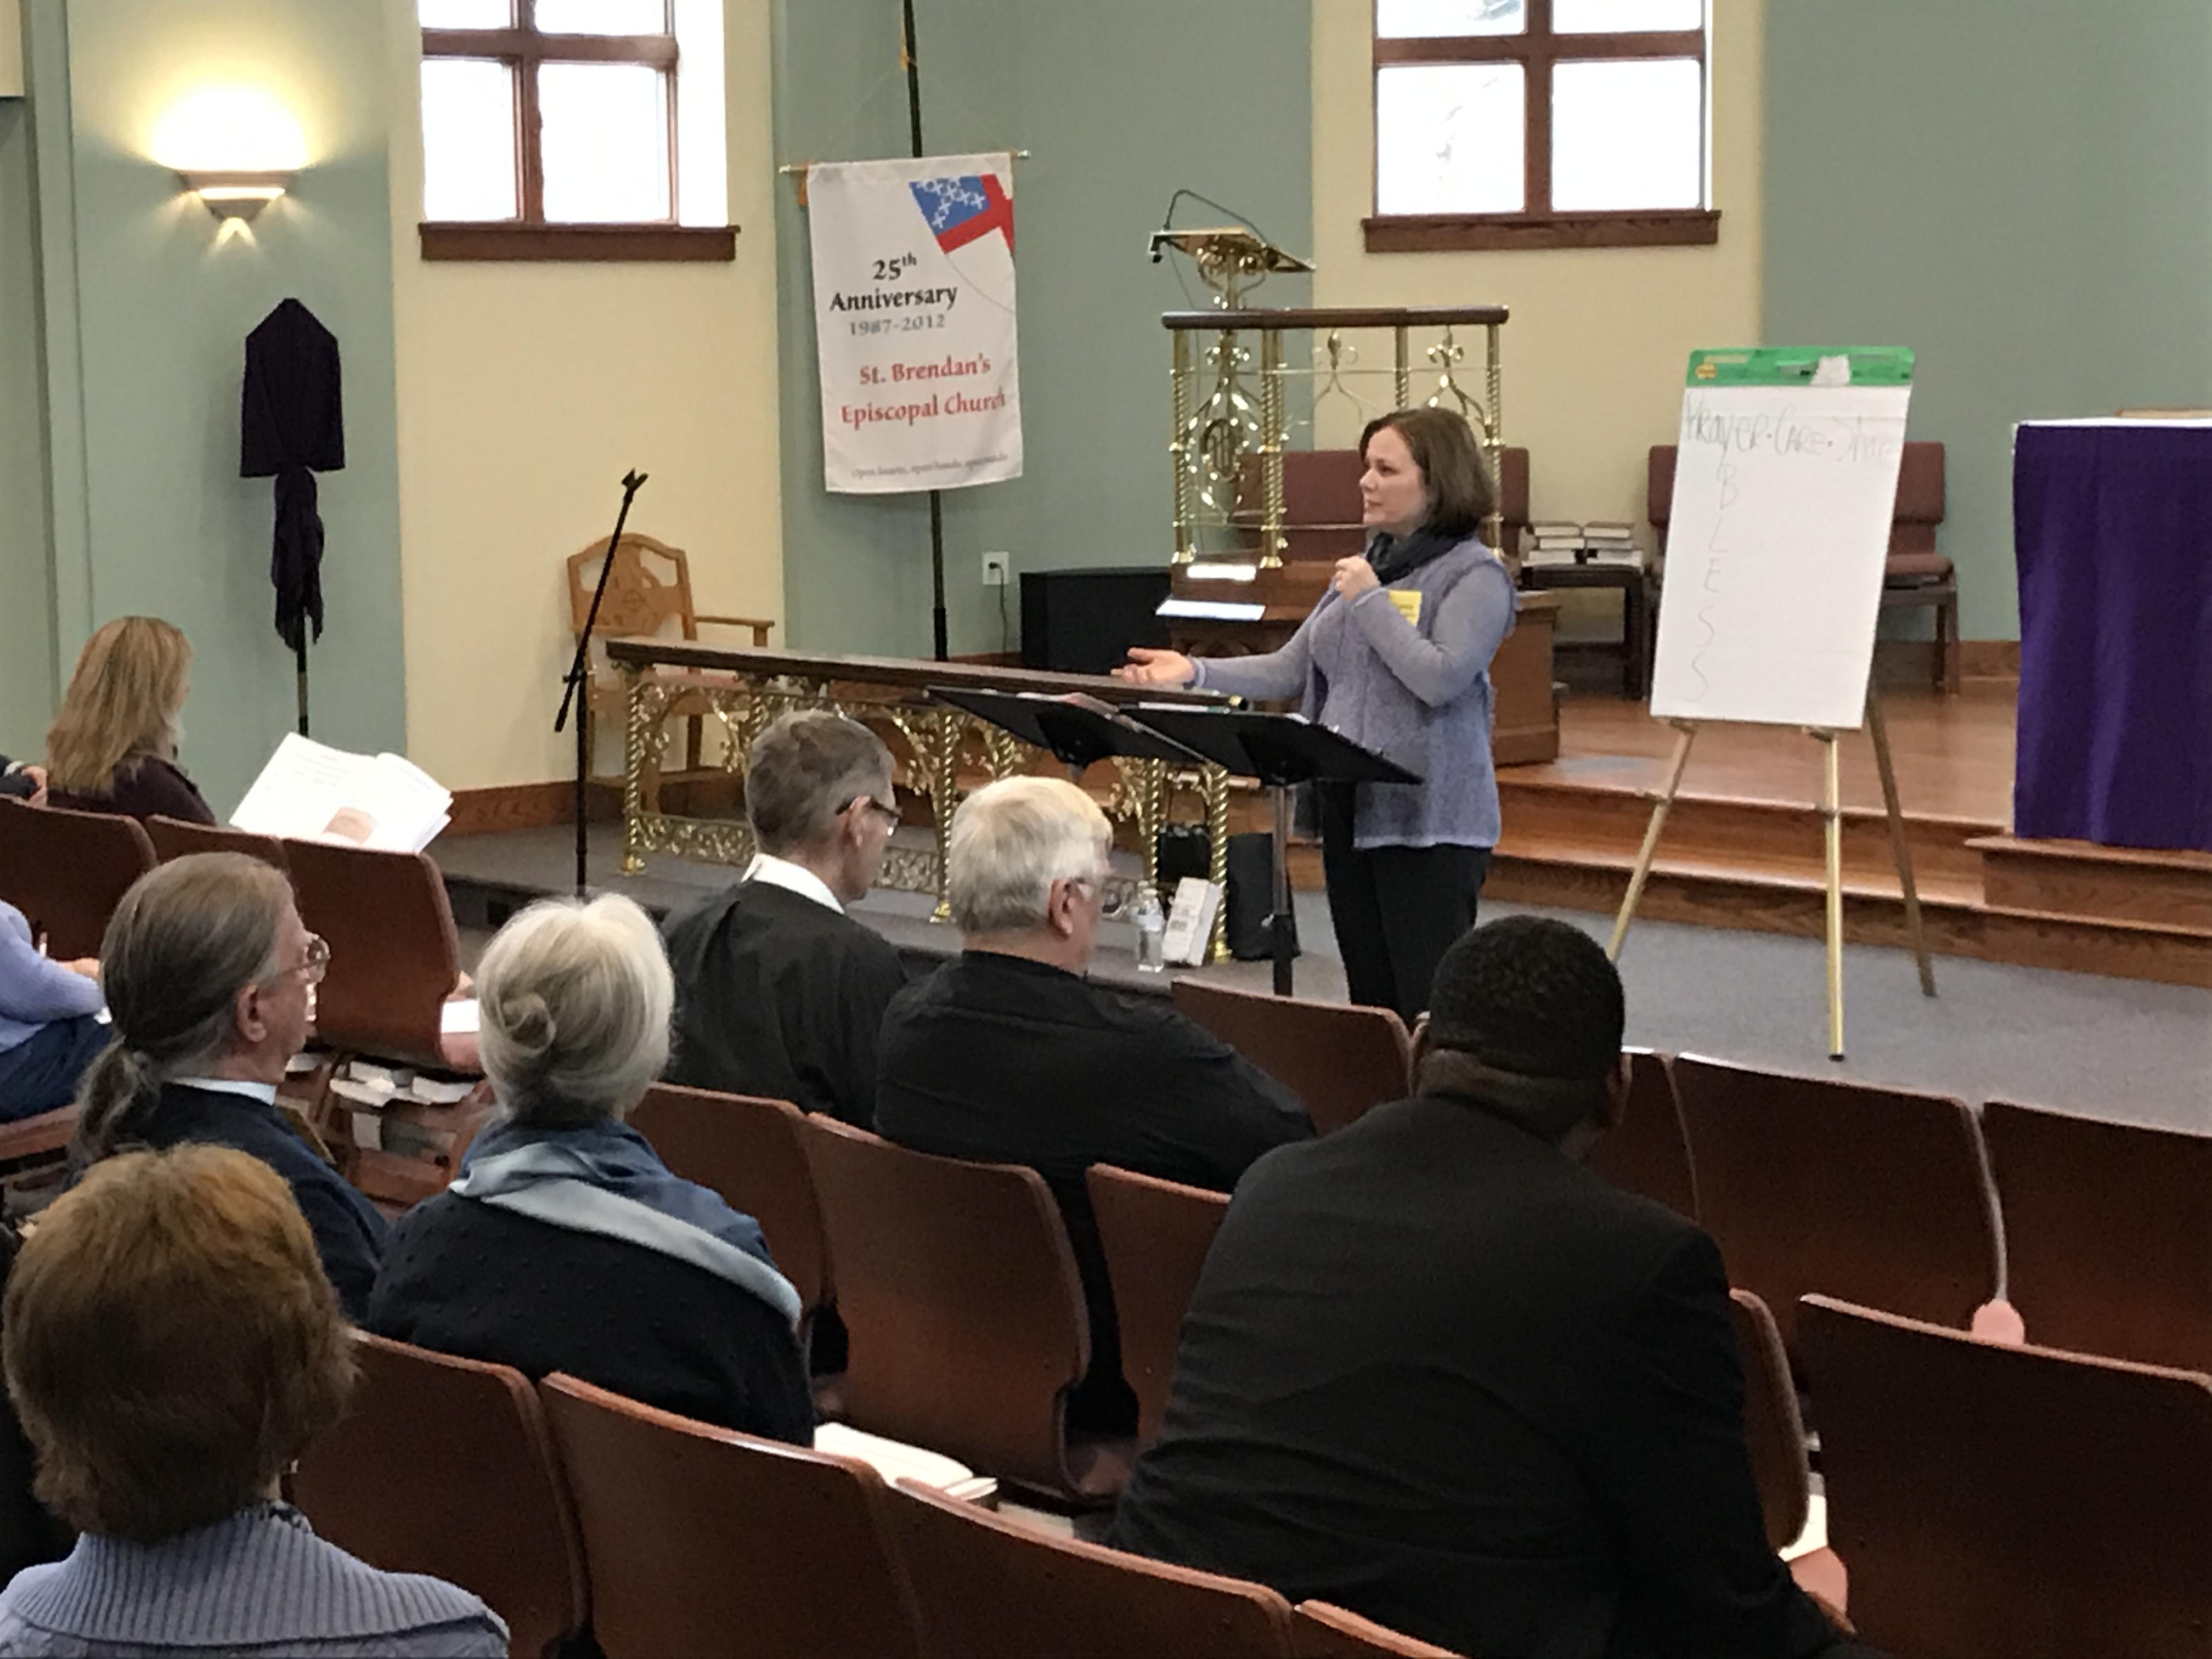 Evangelism Conf 2017 - Carrie speaker